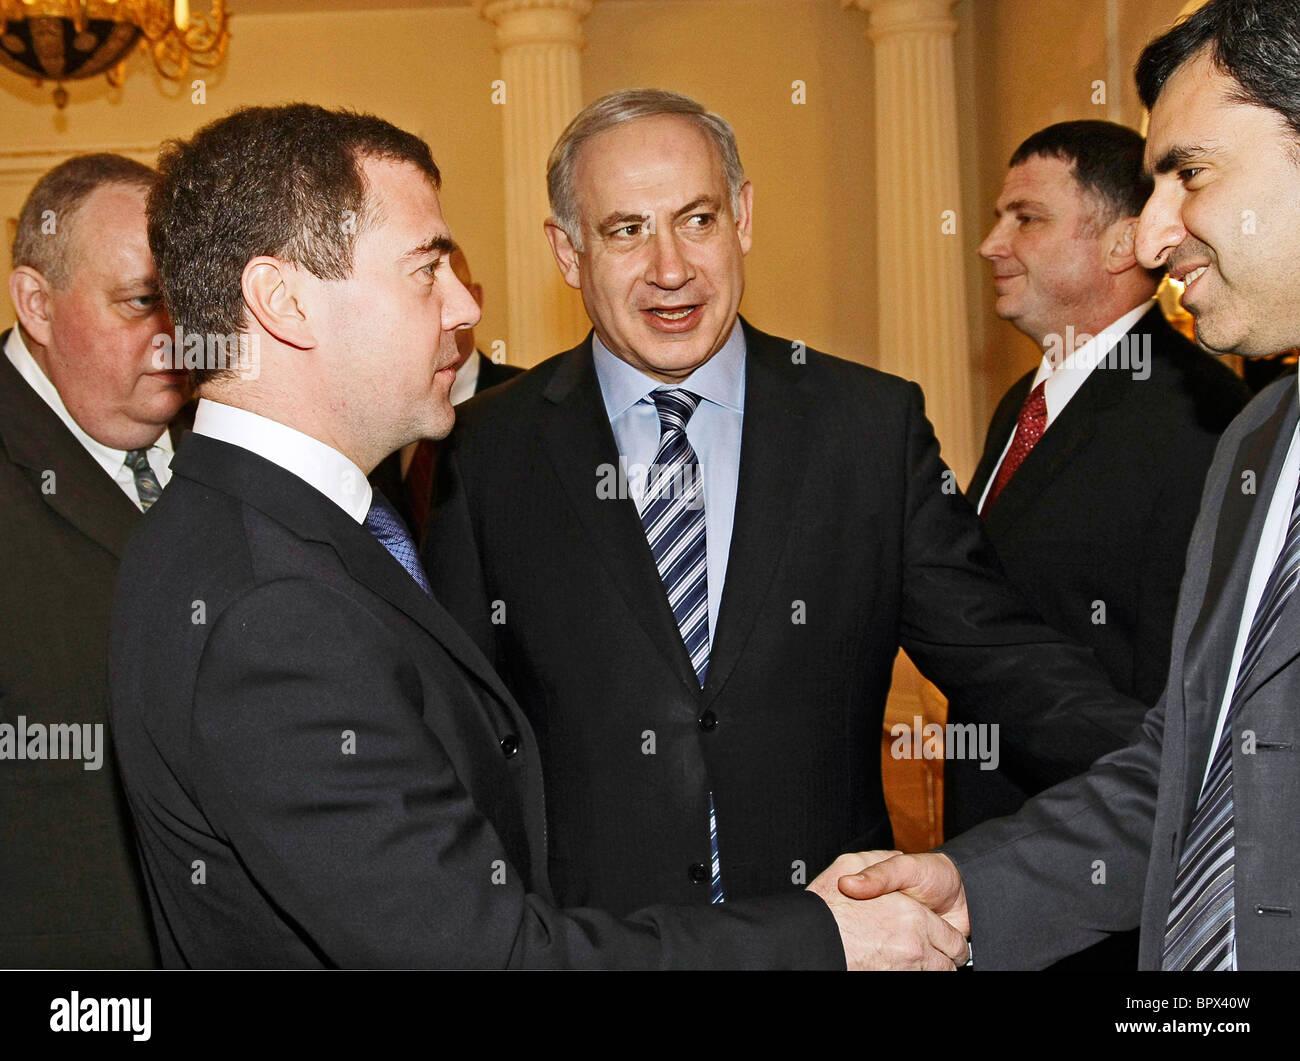 Medvedev, Israeli PM meet for talks - Stock Image